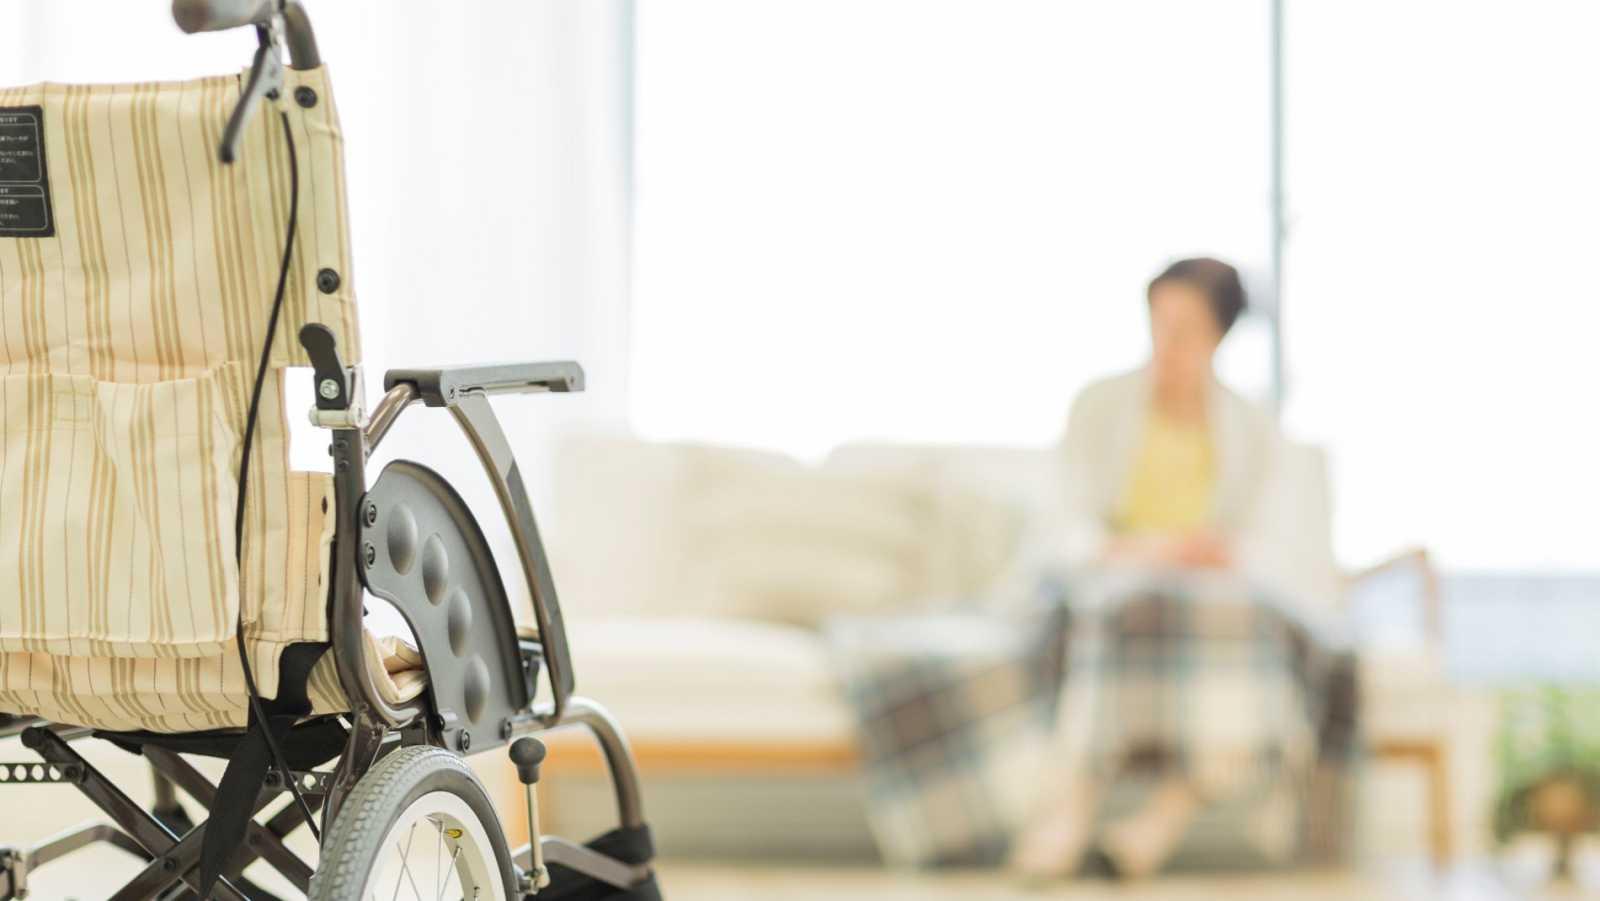 La Generalitat Valenciana investiga un presunto caso de maltrato en una residencia de mayores